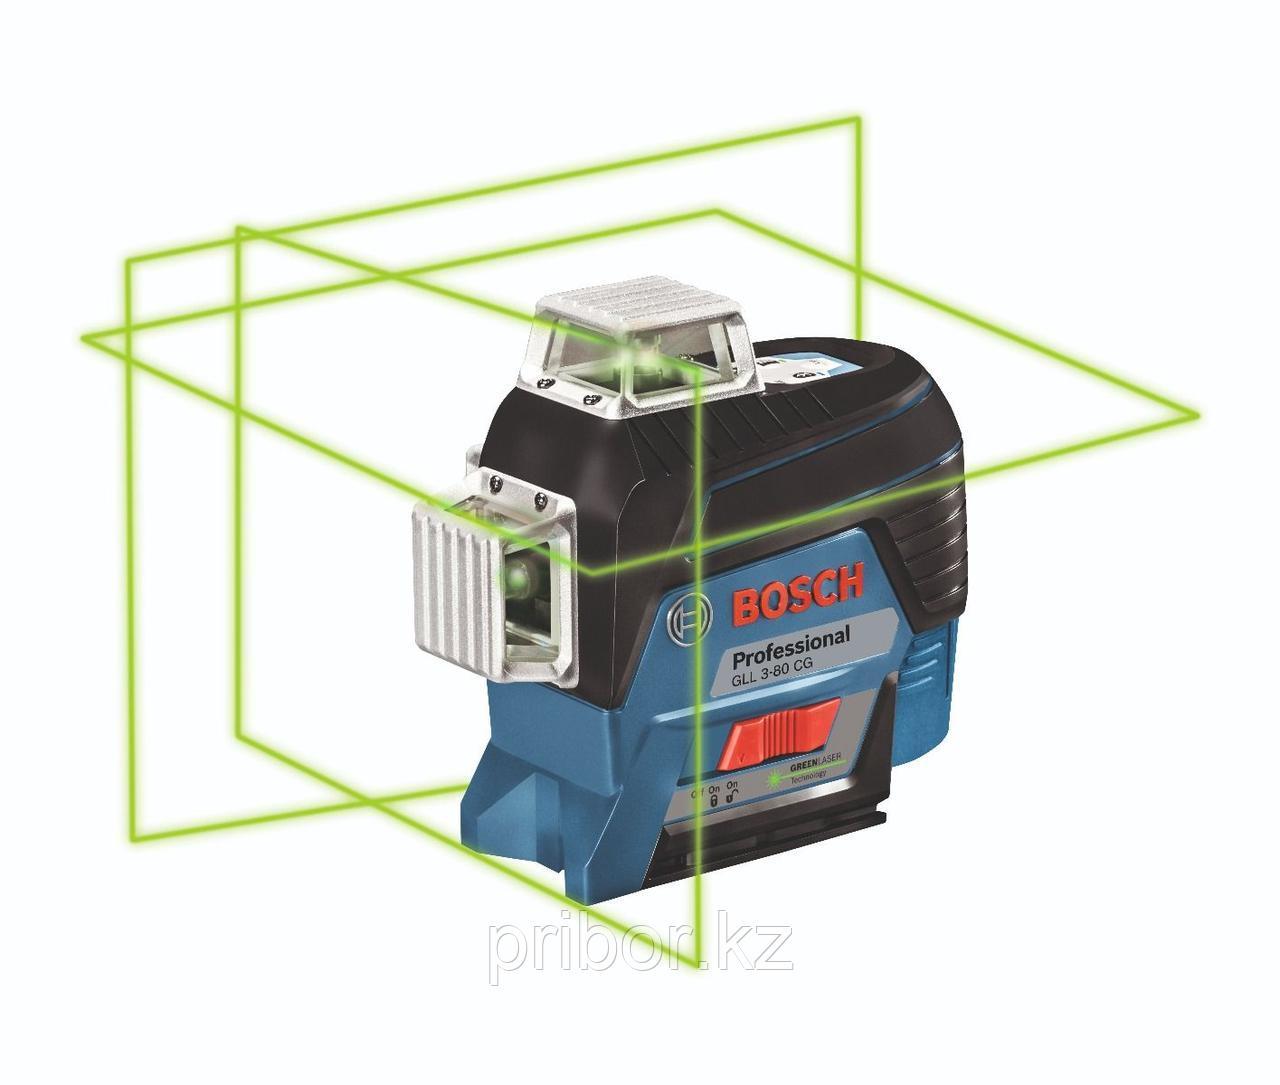 Лазерный профессиональный нивелир Bosch GLL 3-80CG с зелёными лучами